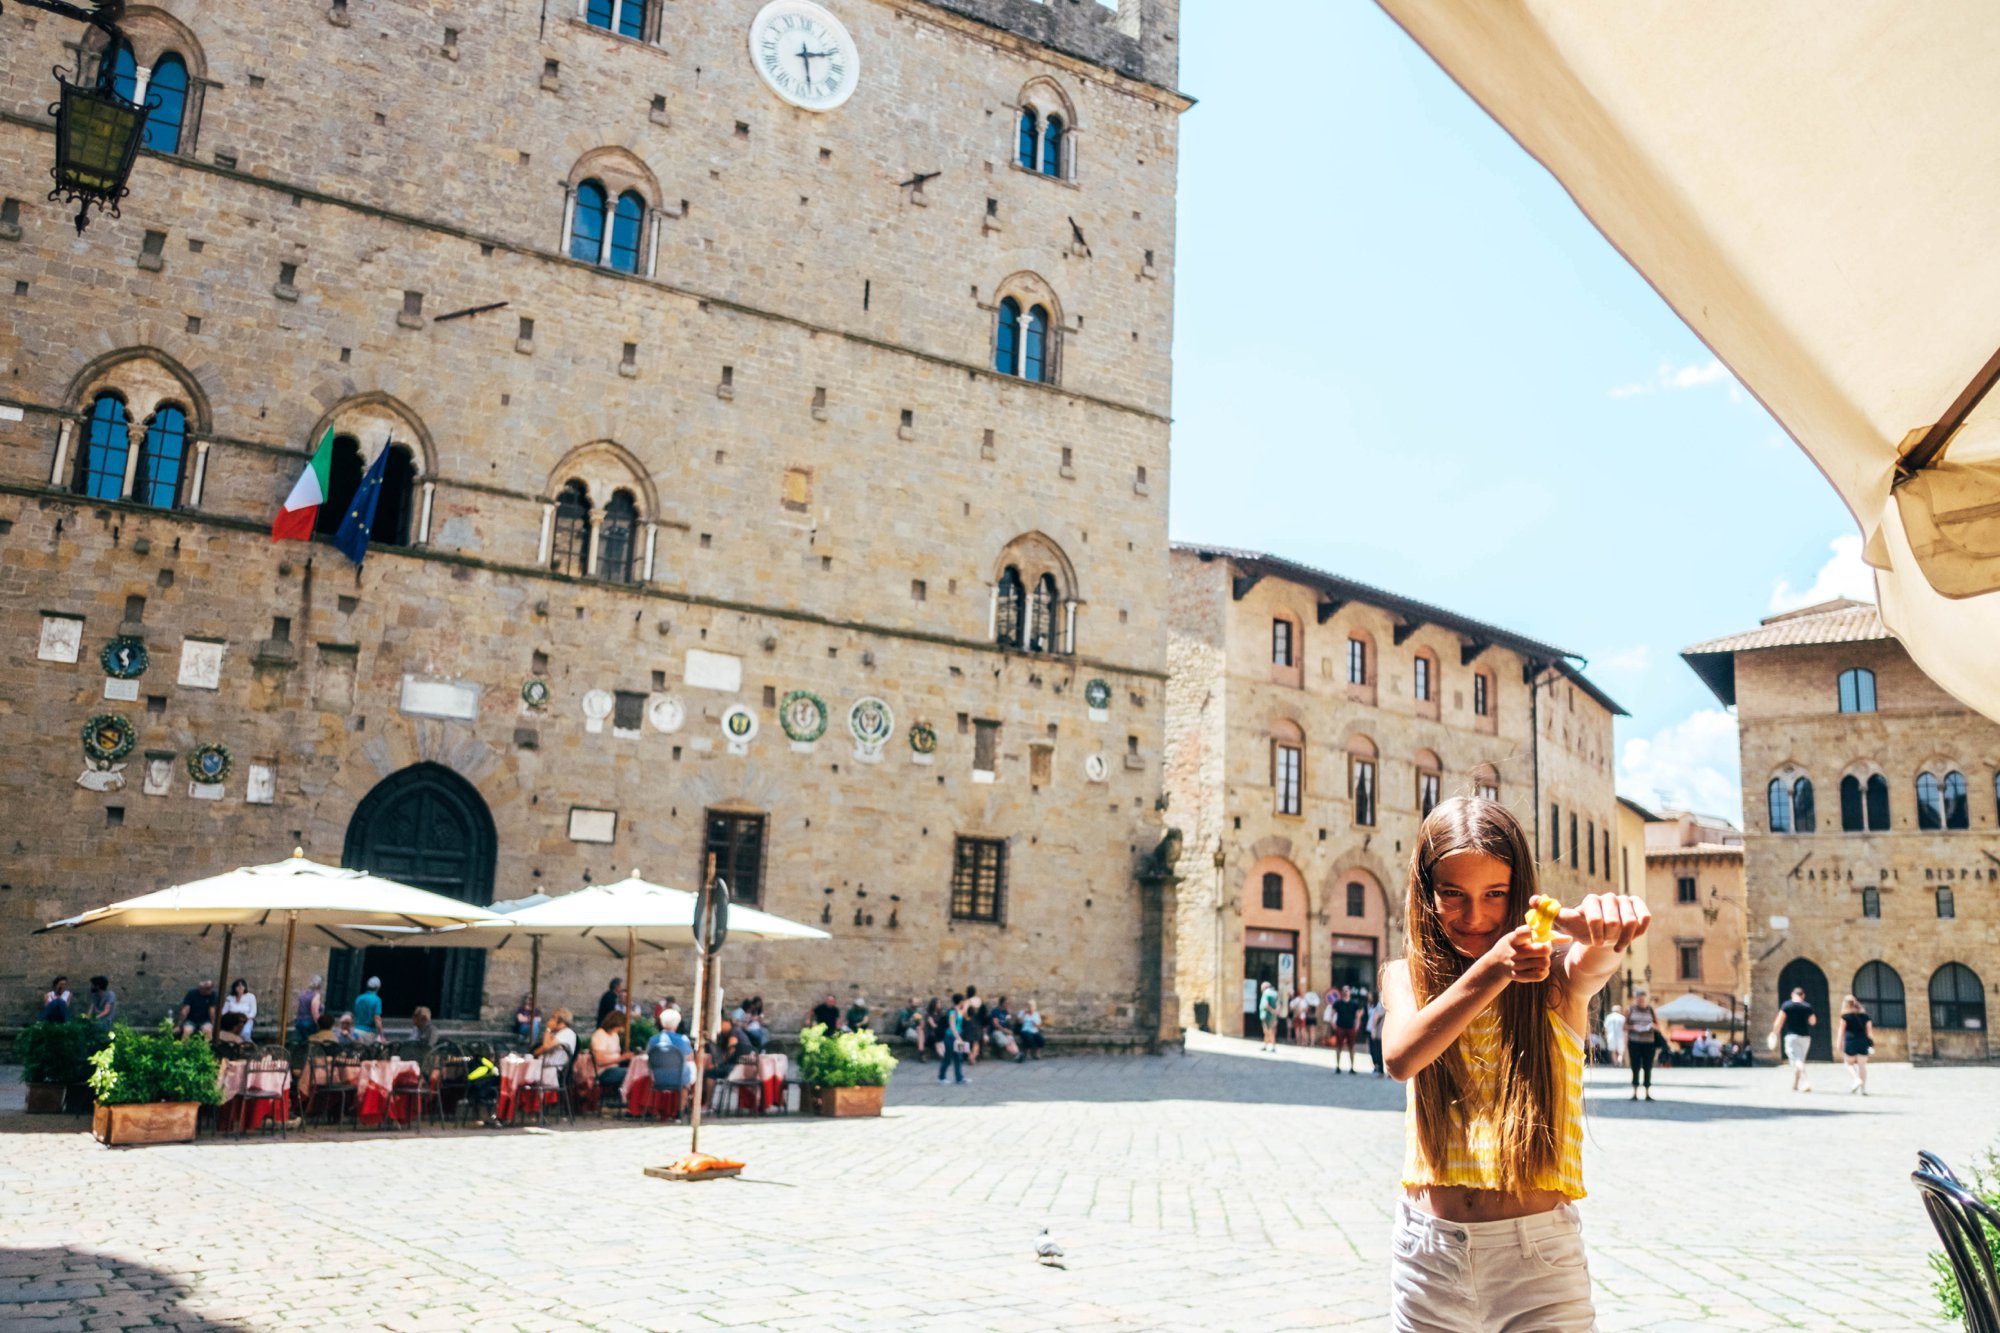 Piazza dei Priori Volterra Essex Documentary Travel Photographer